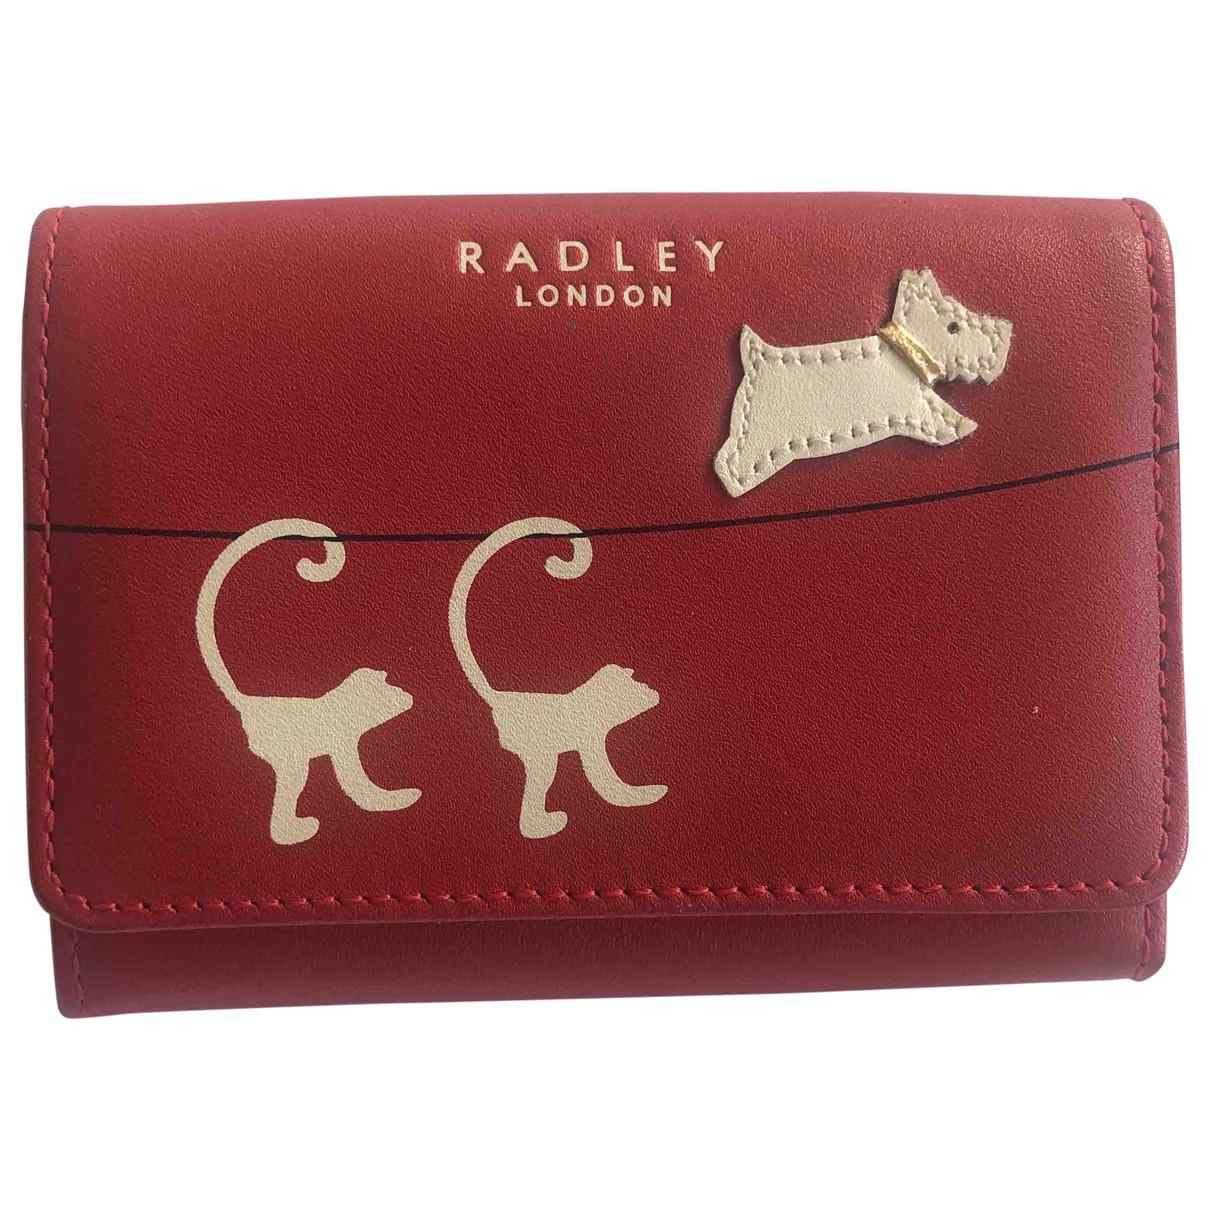 Radley London - Petite maroquinerie   pour femme en cuir - rouge